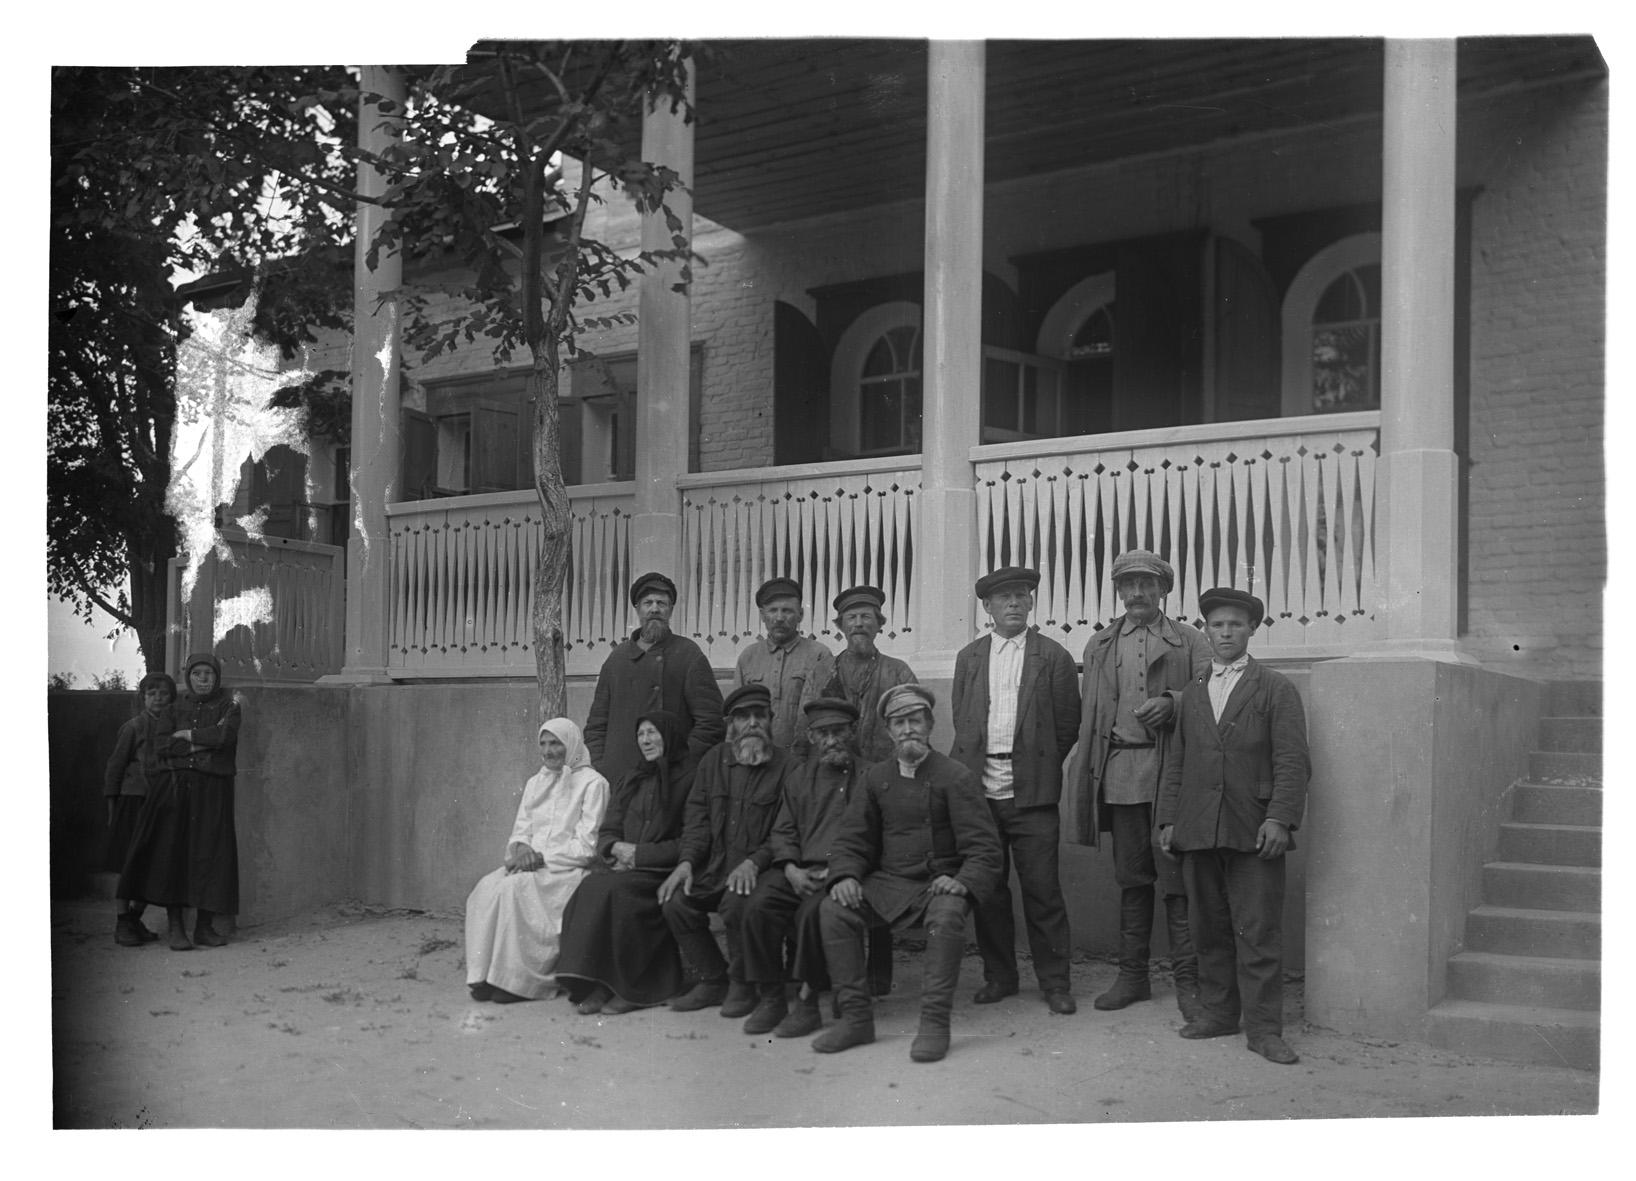 Старожилы села Лермонтово. Фотография В.Г. Чудинова. 1939 г.